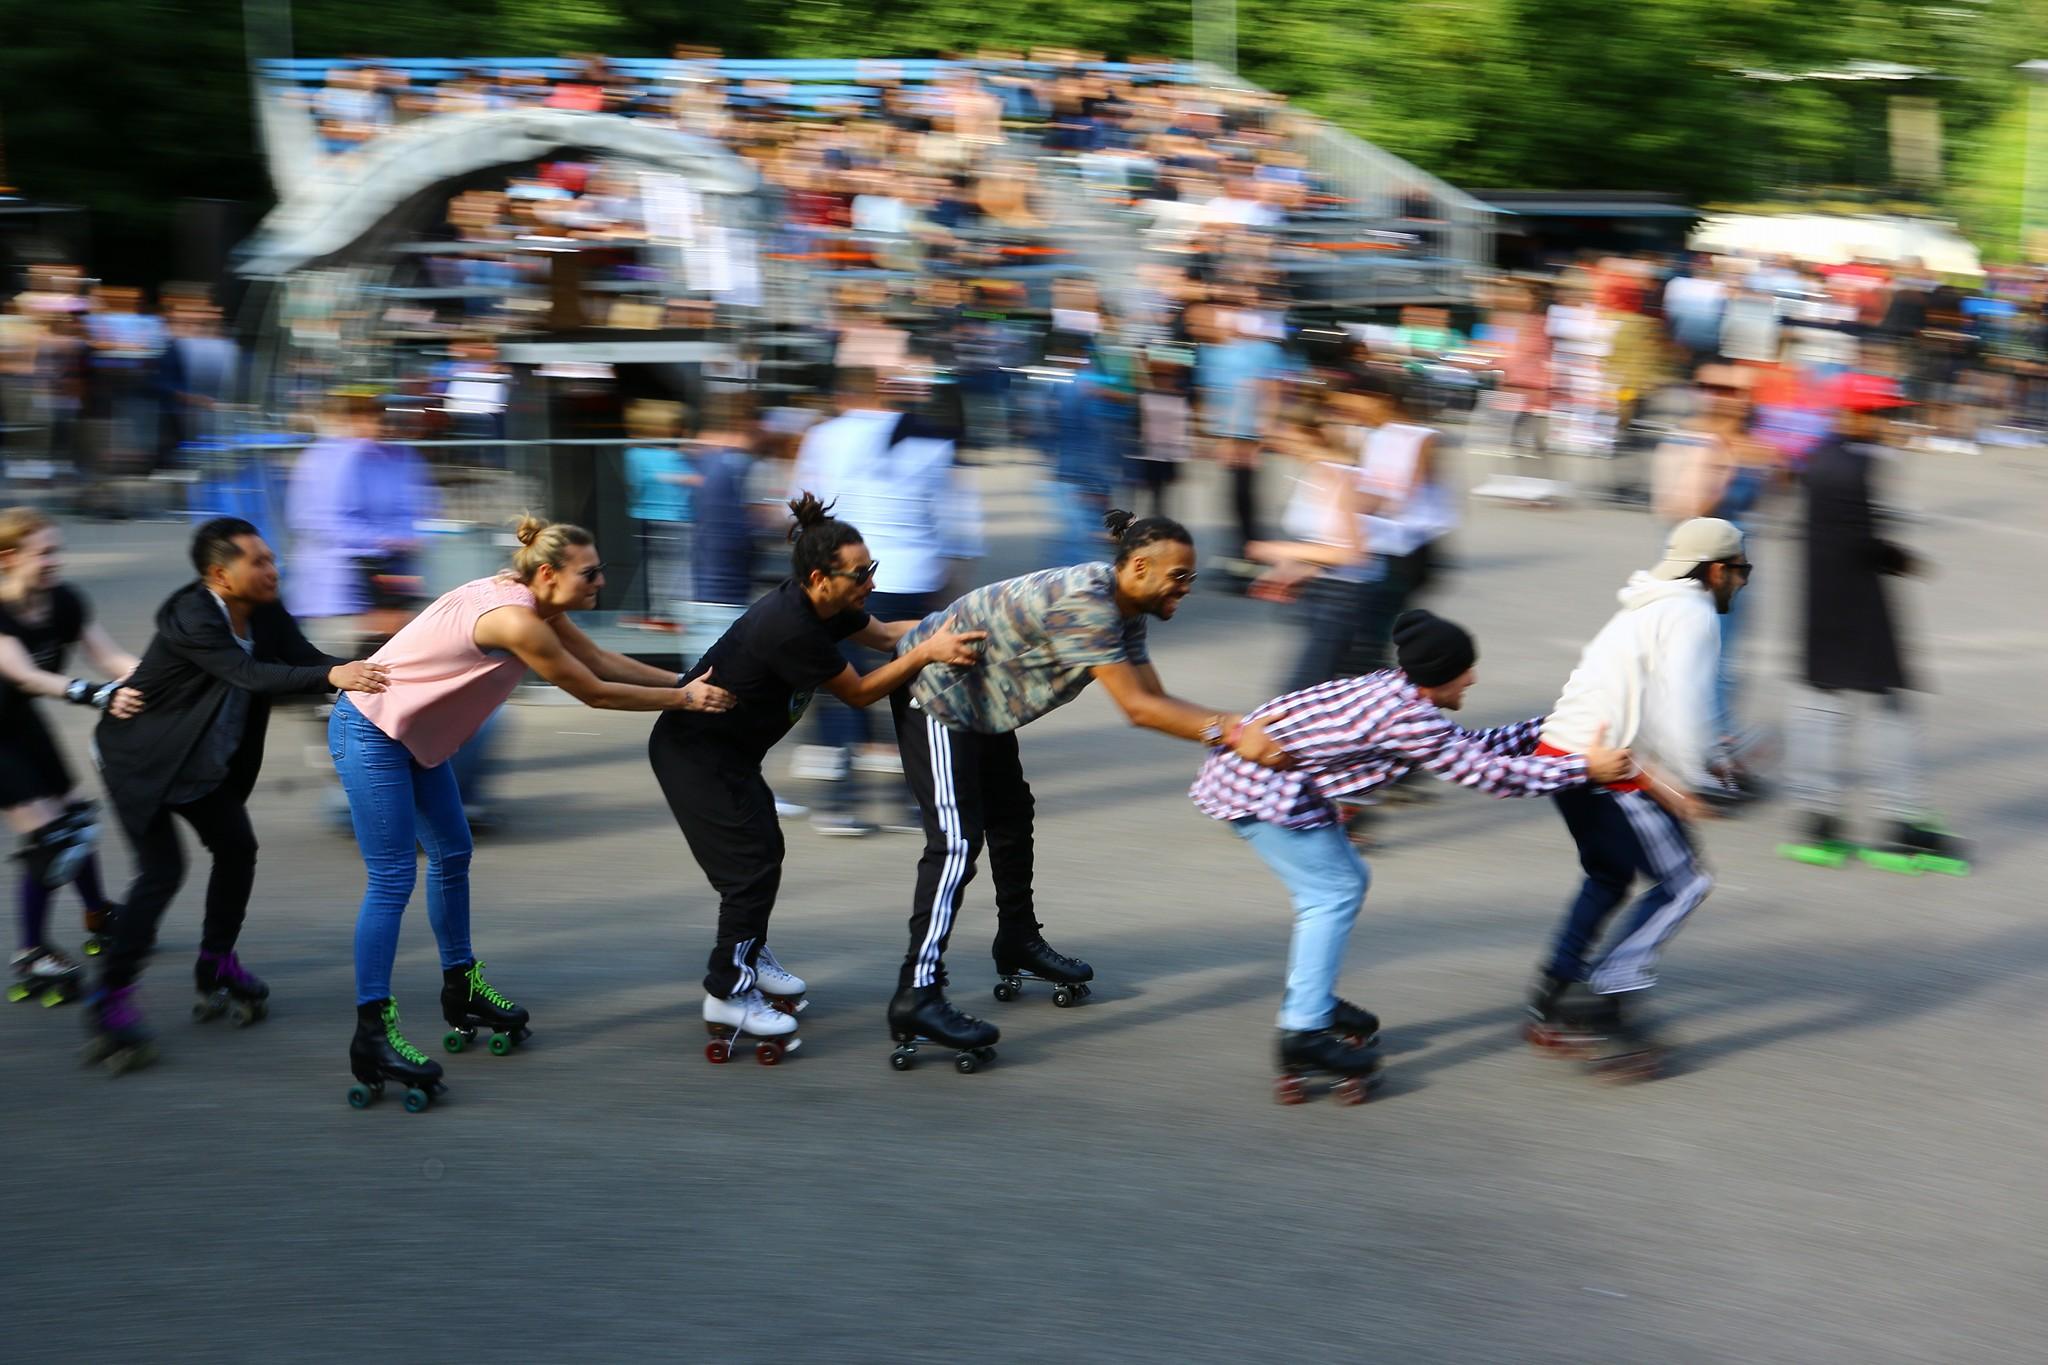 The annual Roller Skate Jam